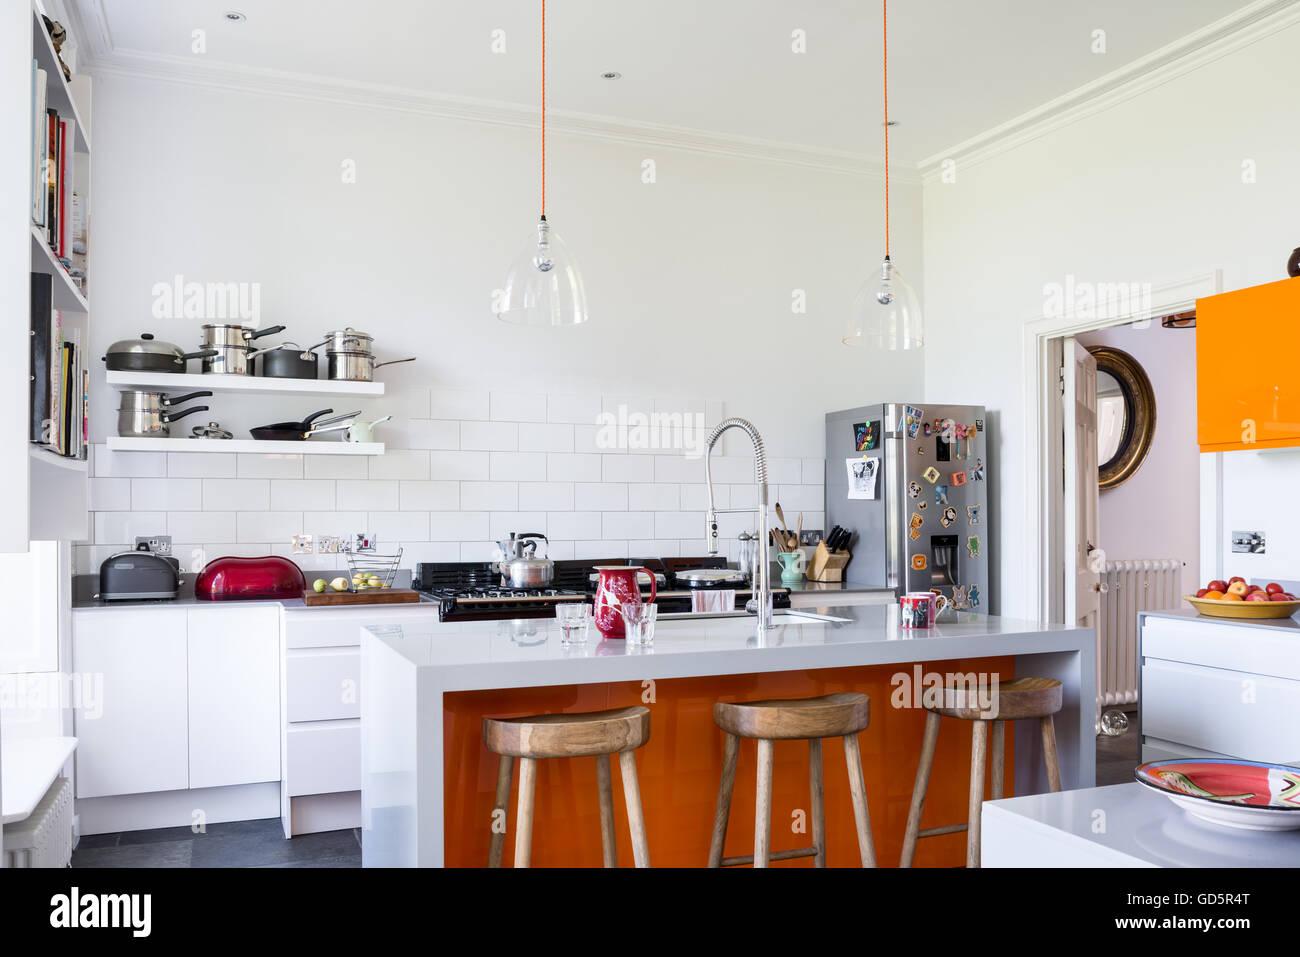 Taburetes de madera en techos altos blanco cocina con azulejos de metro. Las luces de techo de cristal claro son Imagen De Stock